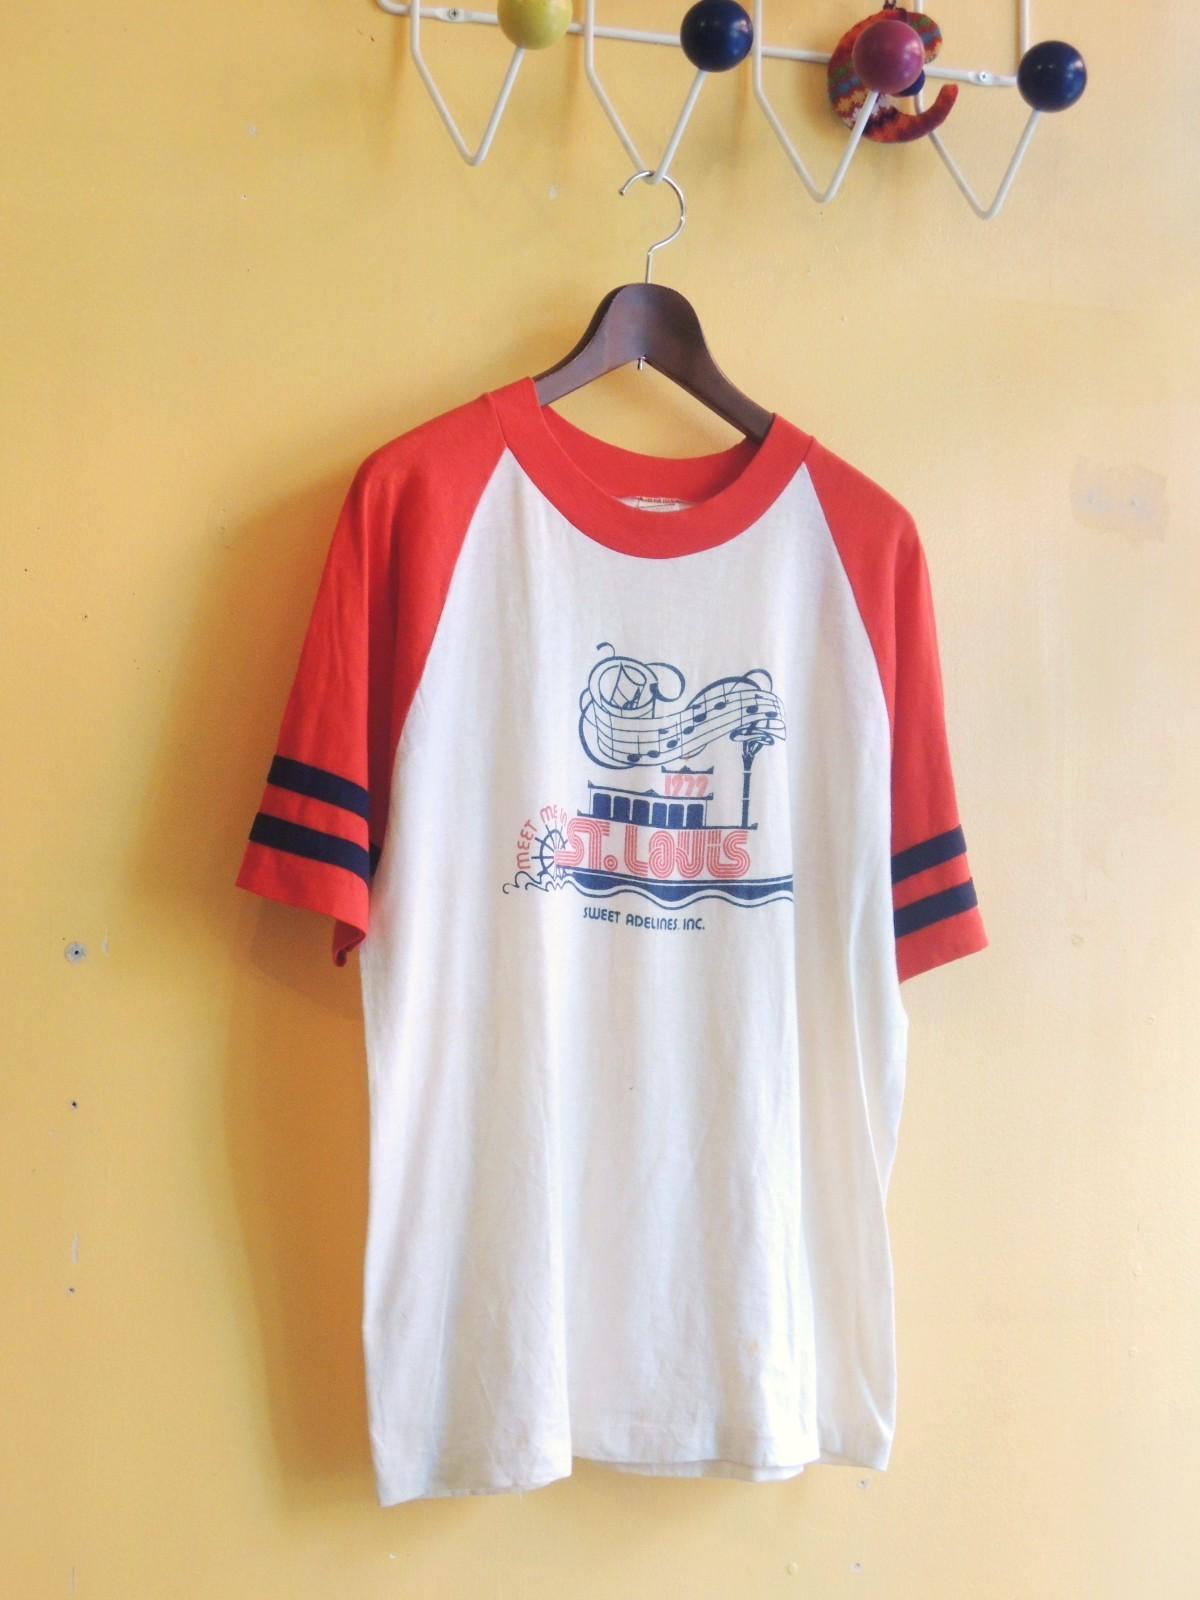 stlouistshirts06.JPG